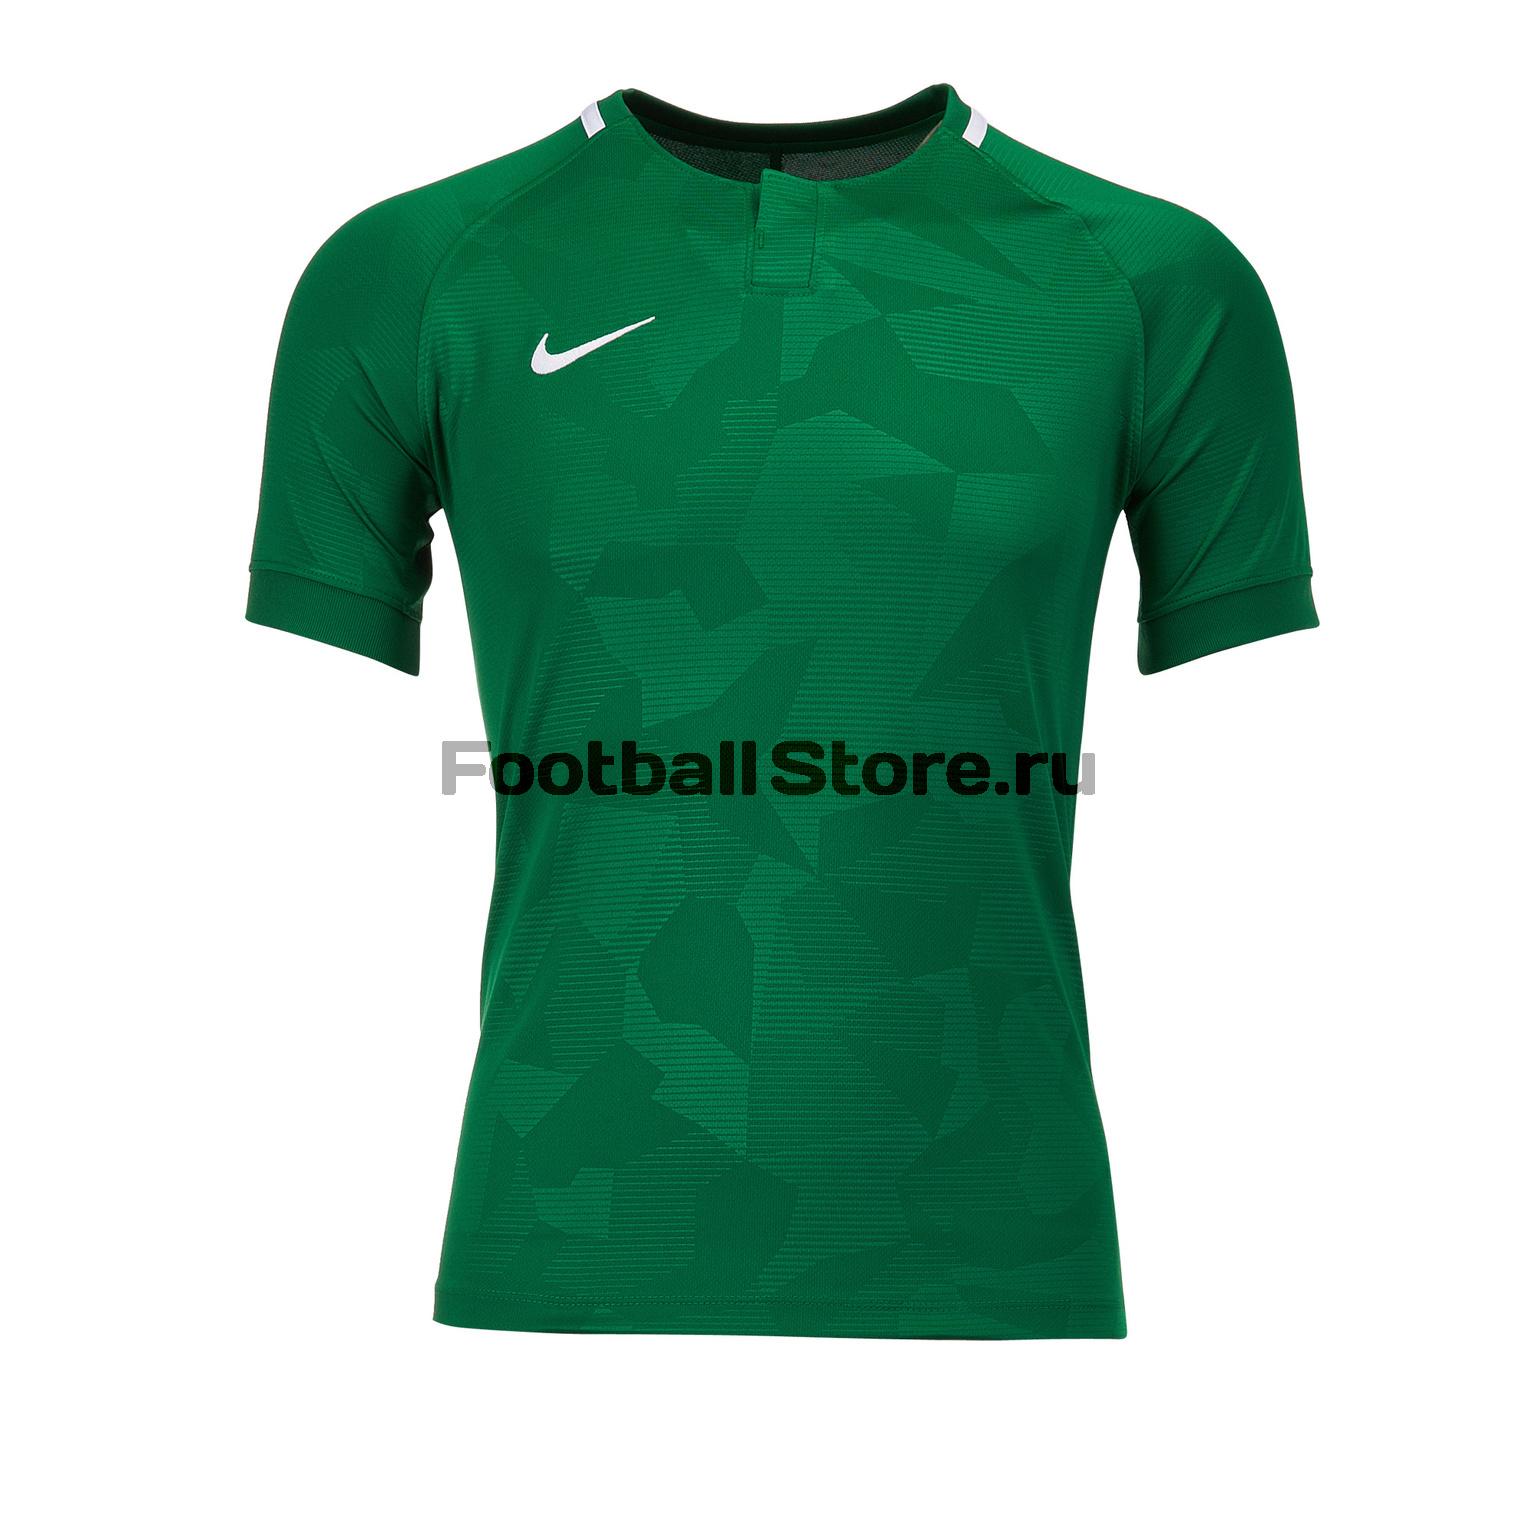 Футболка игровая детская Nike Dry Challenge II 894053-341 футболка игровая nike dry tiempo prem jsy ss 894230 411